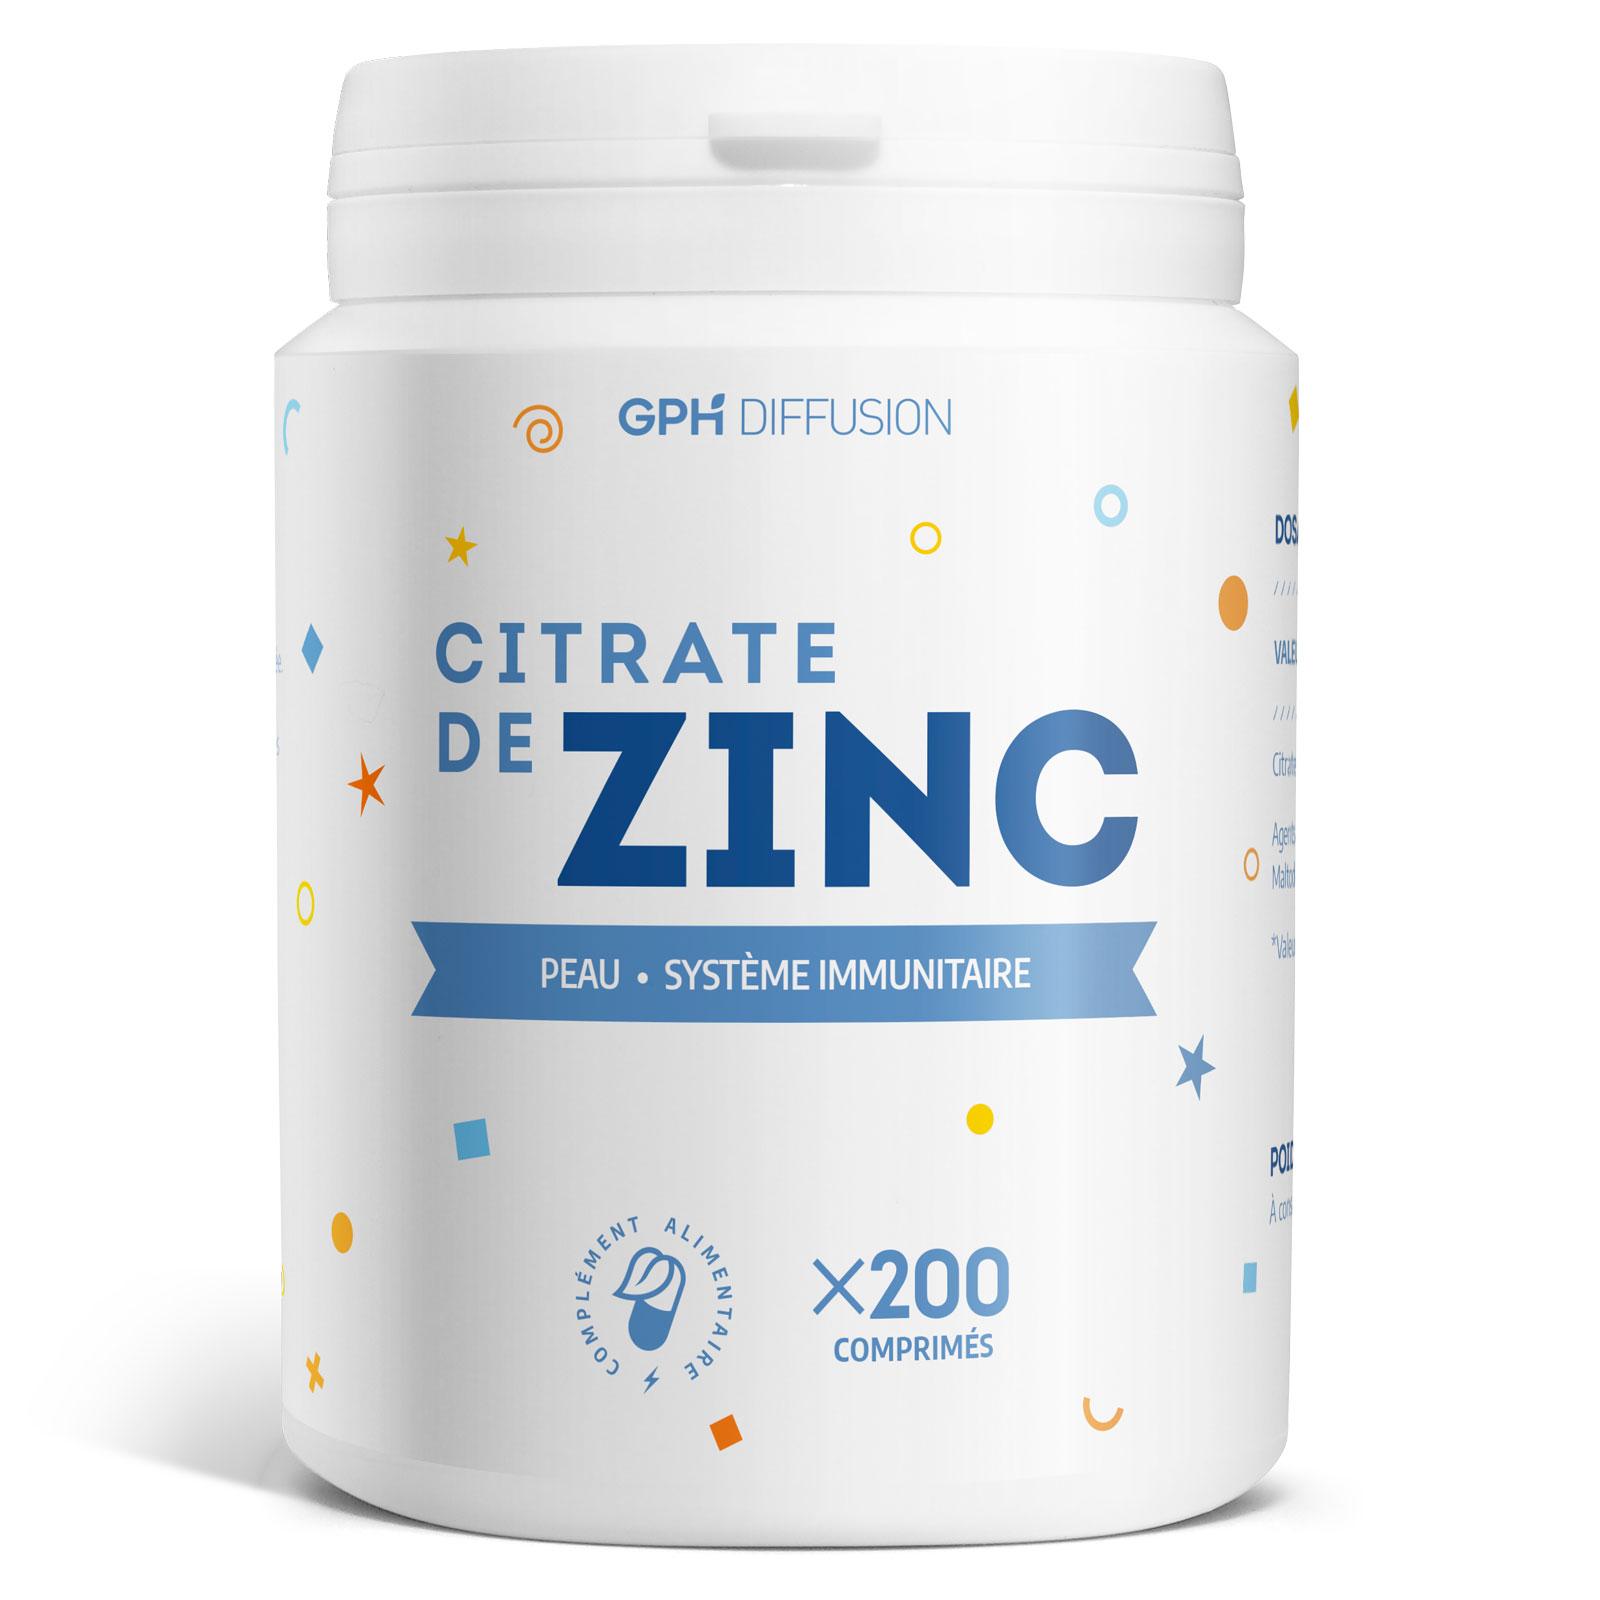 Gph diffusion - Citrate de Zinc - 15 mg - 200 comprimés